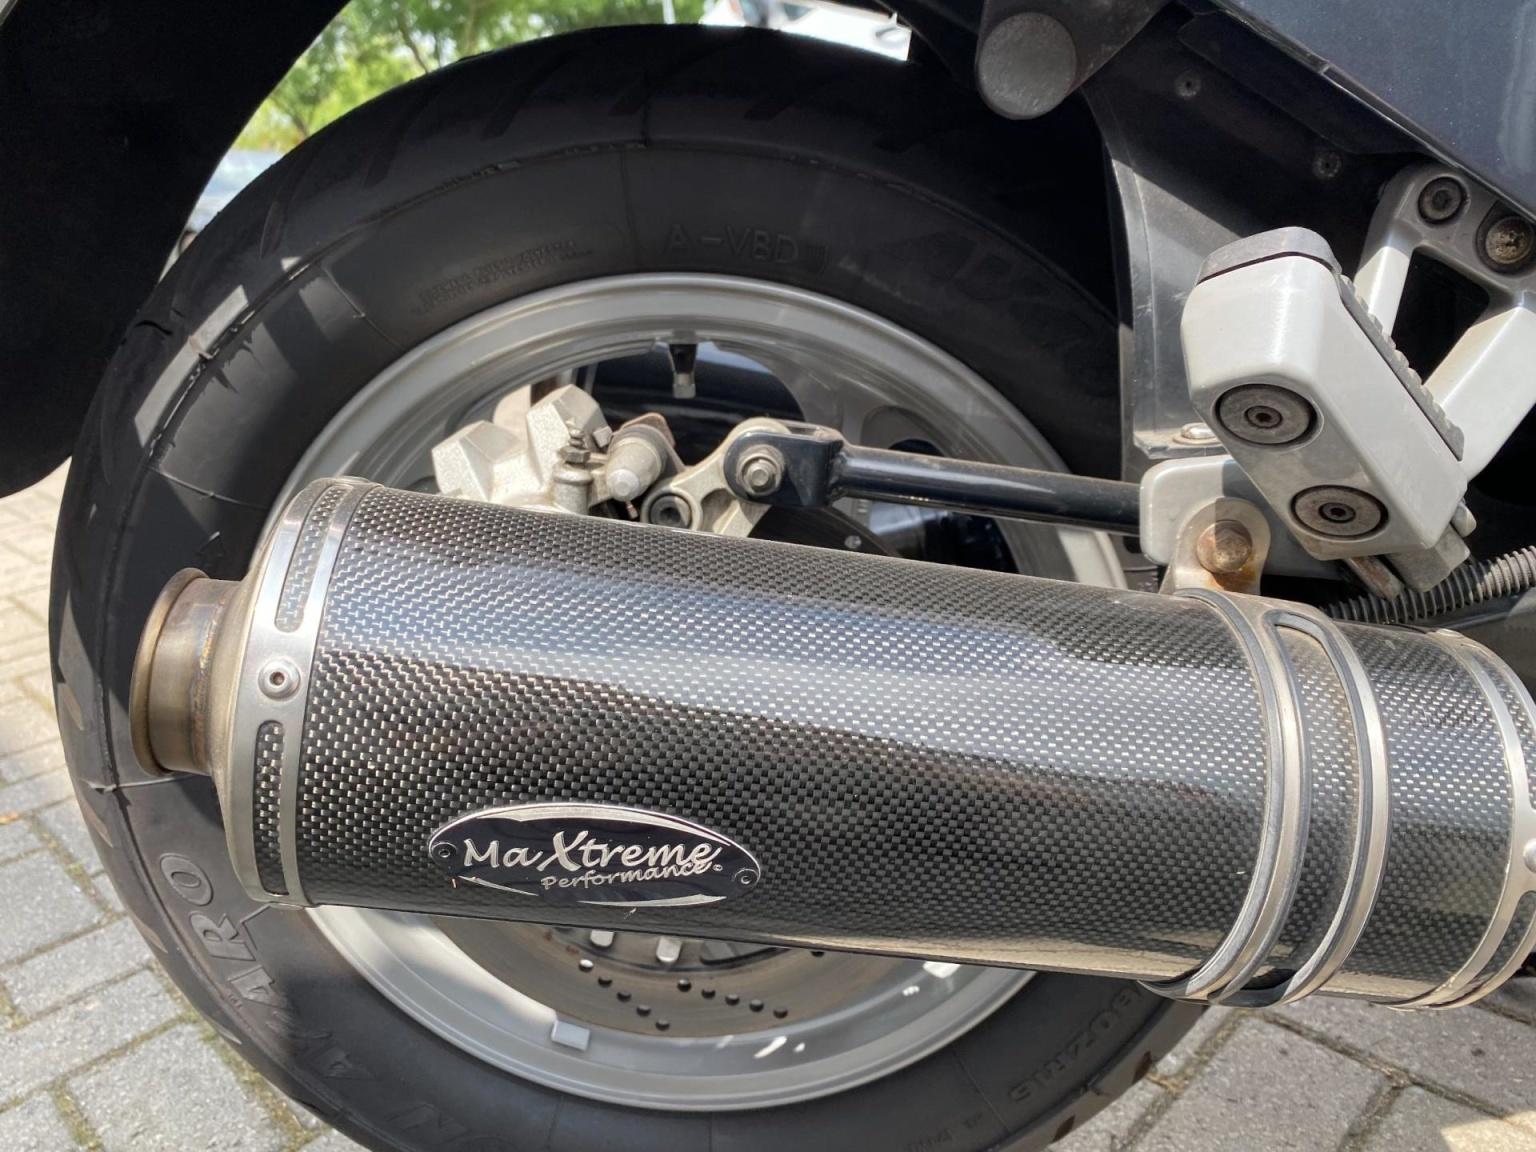 Kawasaki-Tour GTR 1000-16